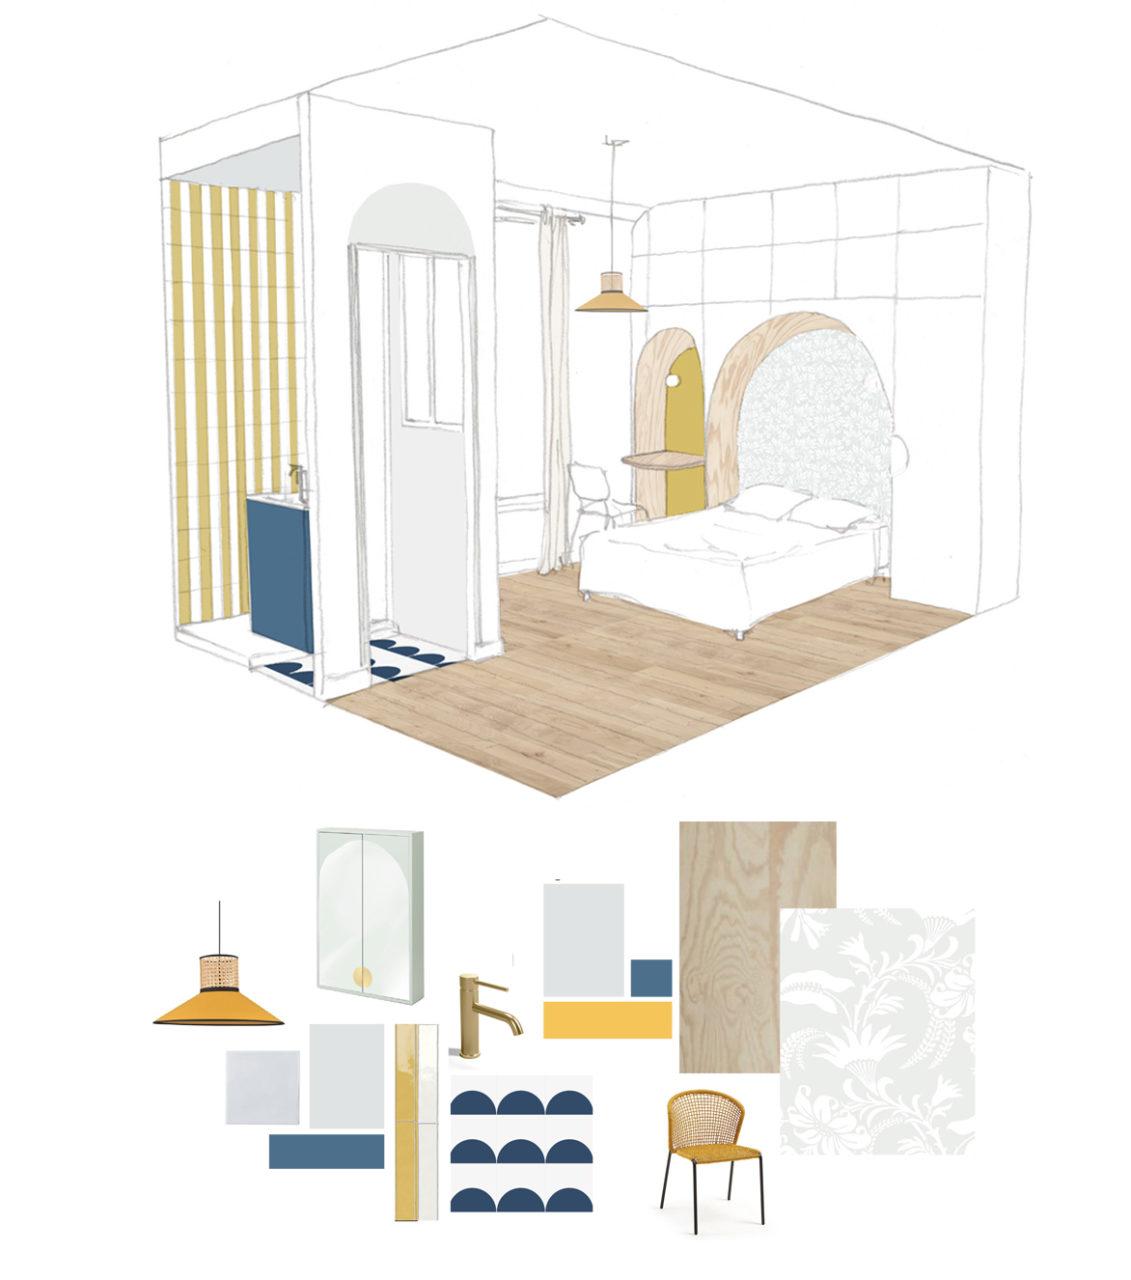 Vue en 3D d'une des chambres et sa salle de bain du projet en cours de co-living à Villejuif avec ses alcôves courbes pour le lit et le bureau ainsi que les propositions matériaux et mobiliers.